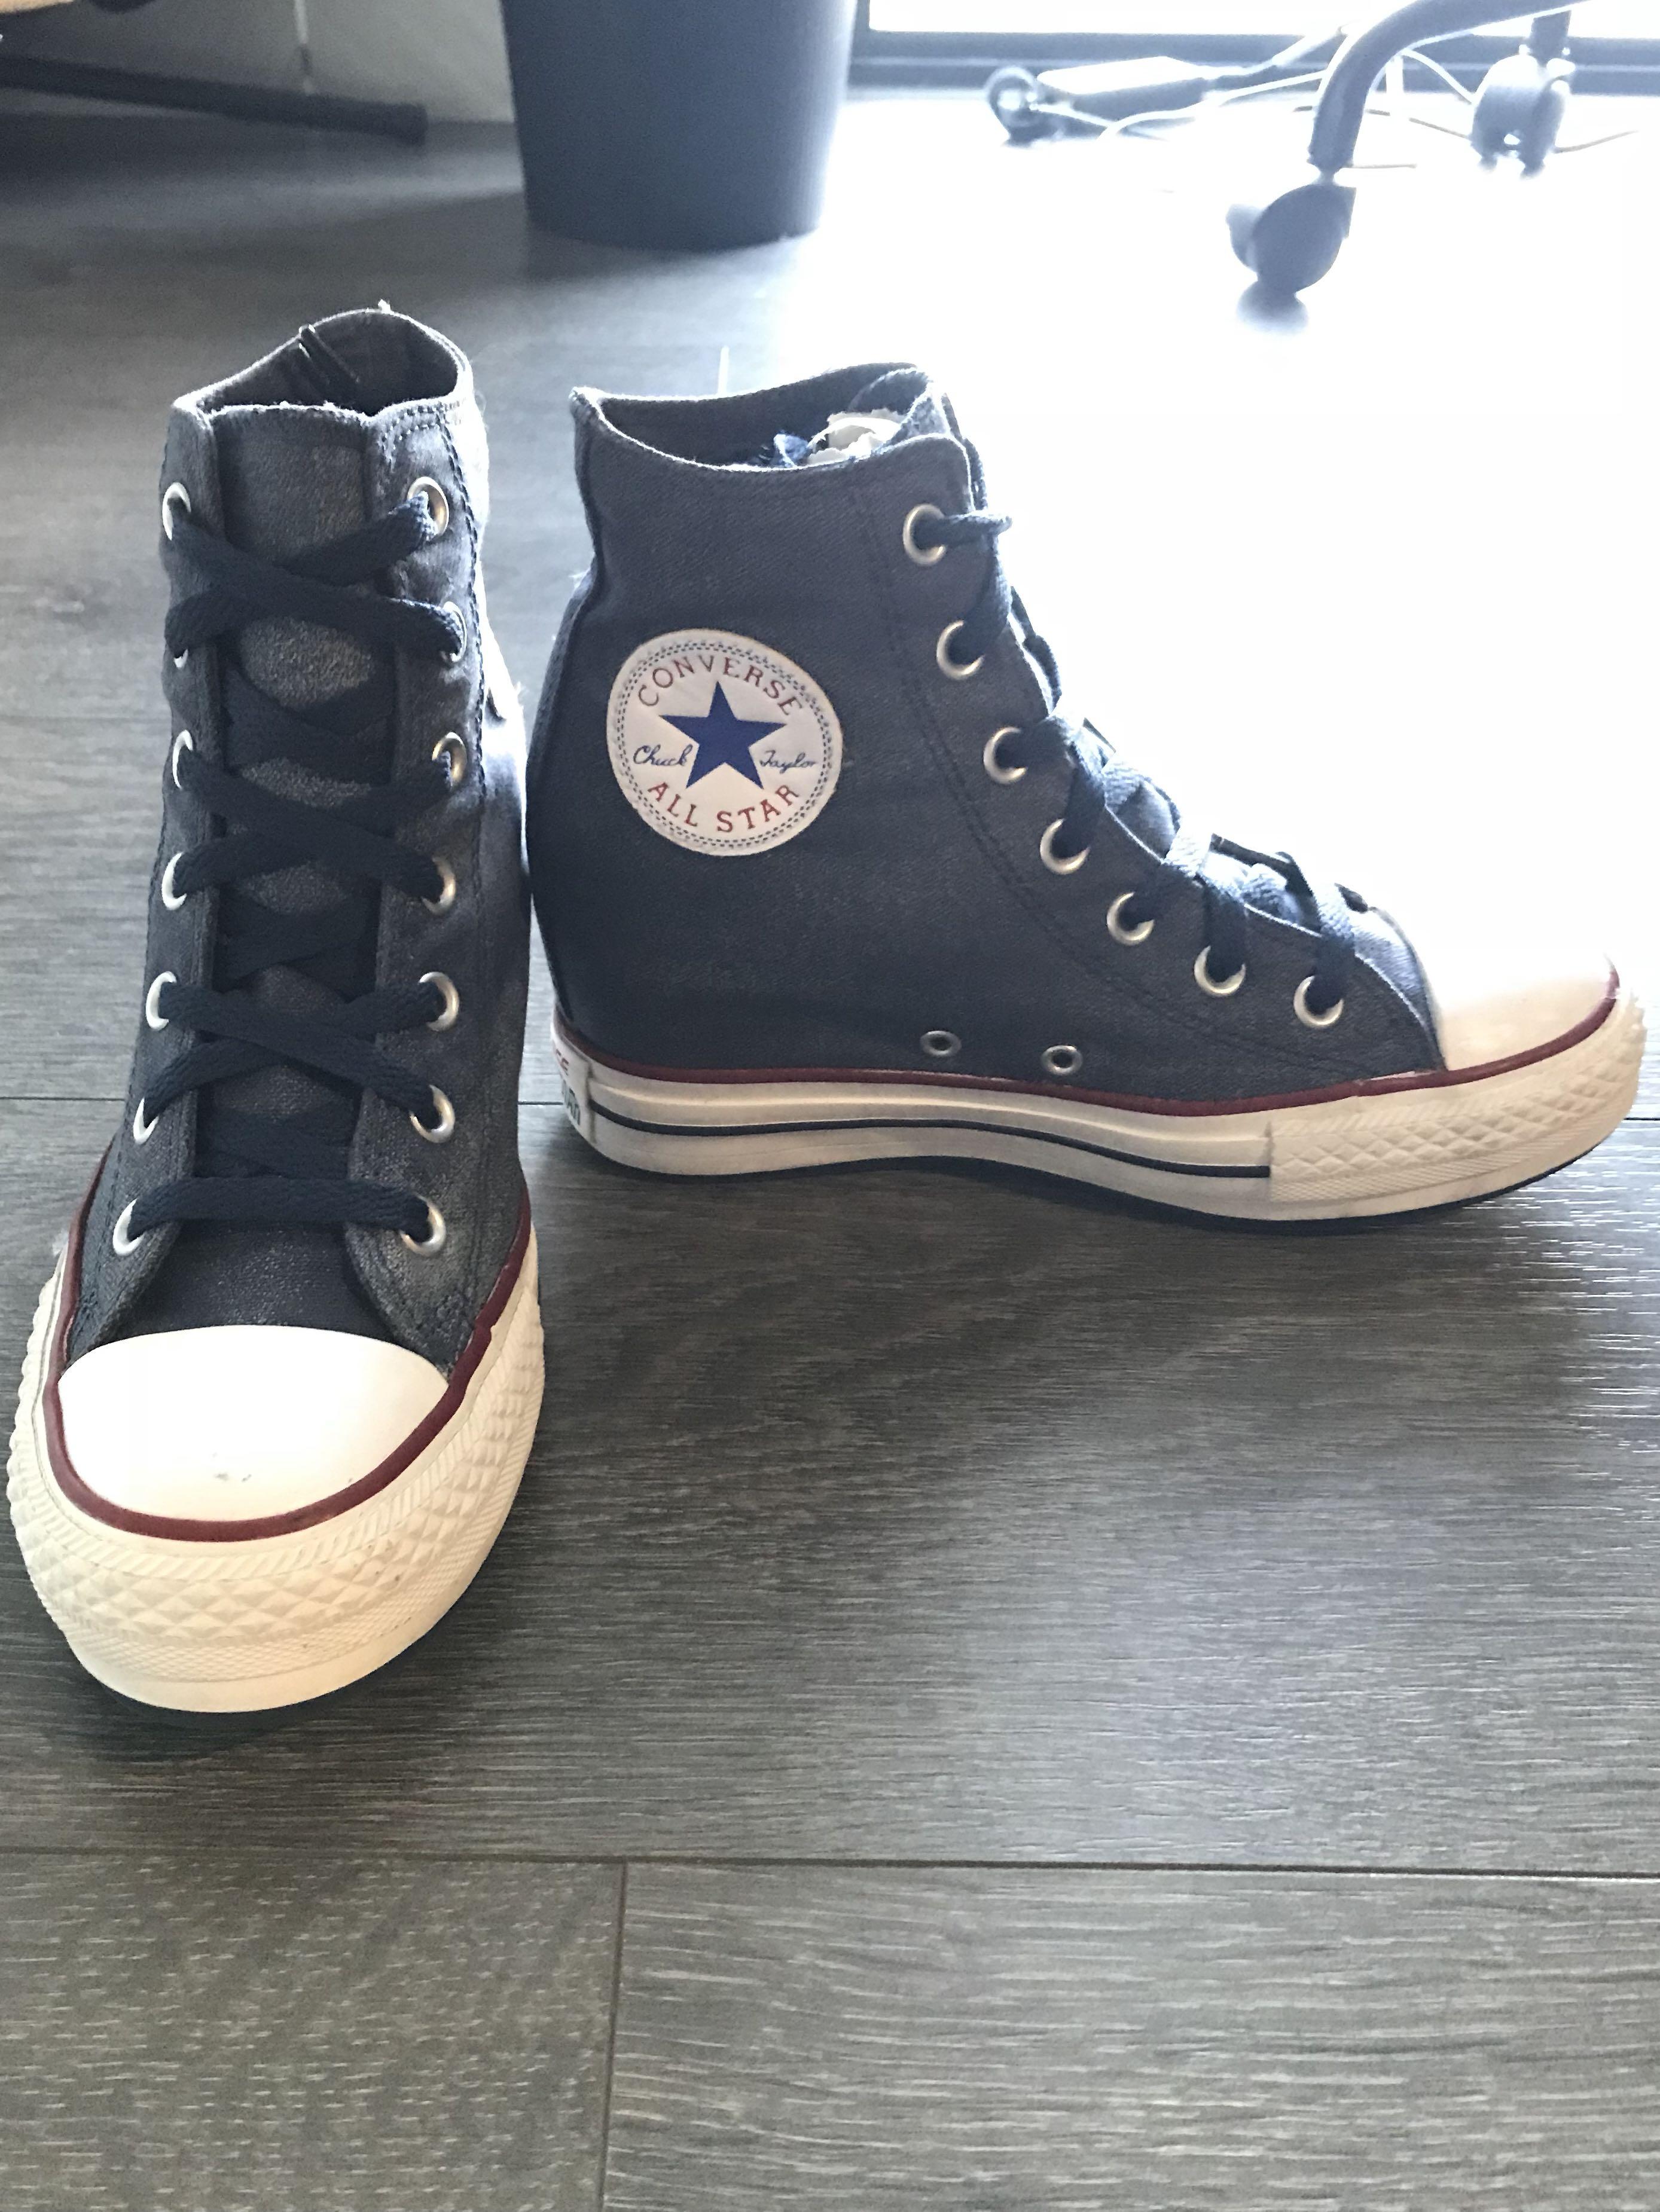 Converse All Star High heels, Women's